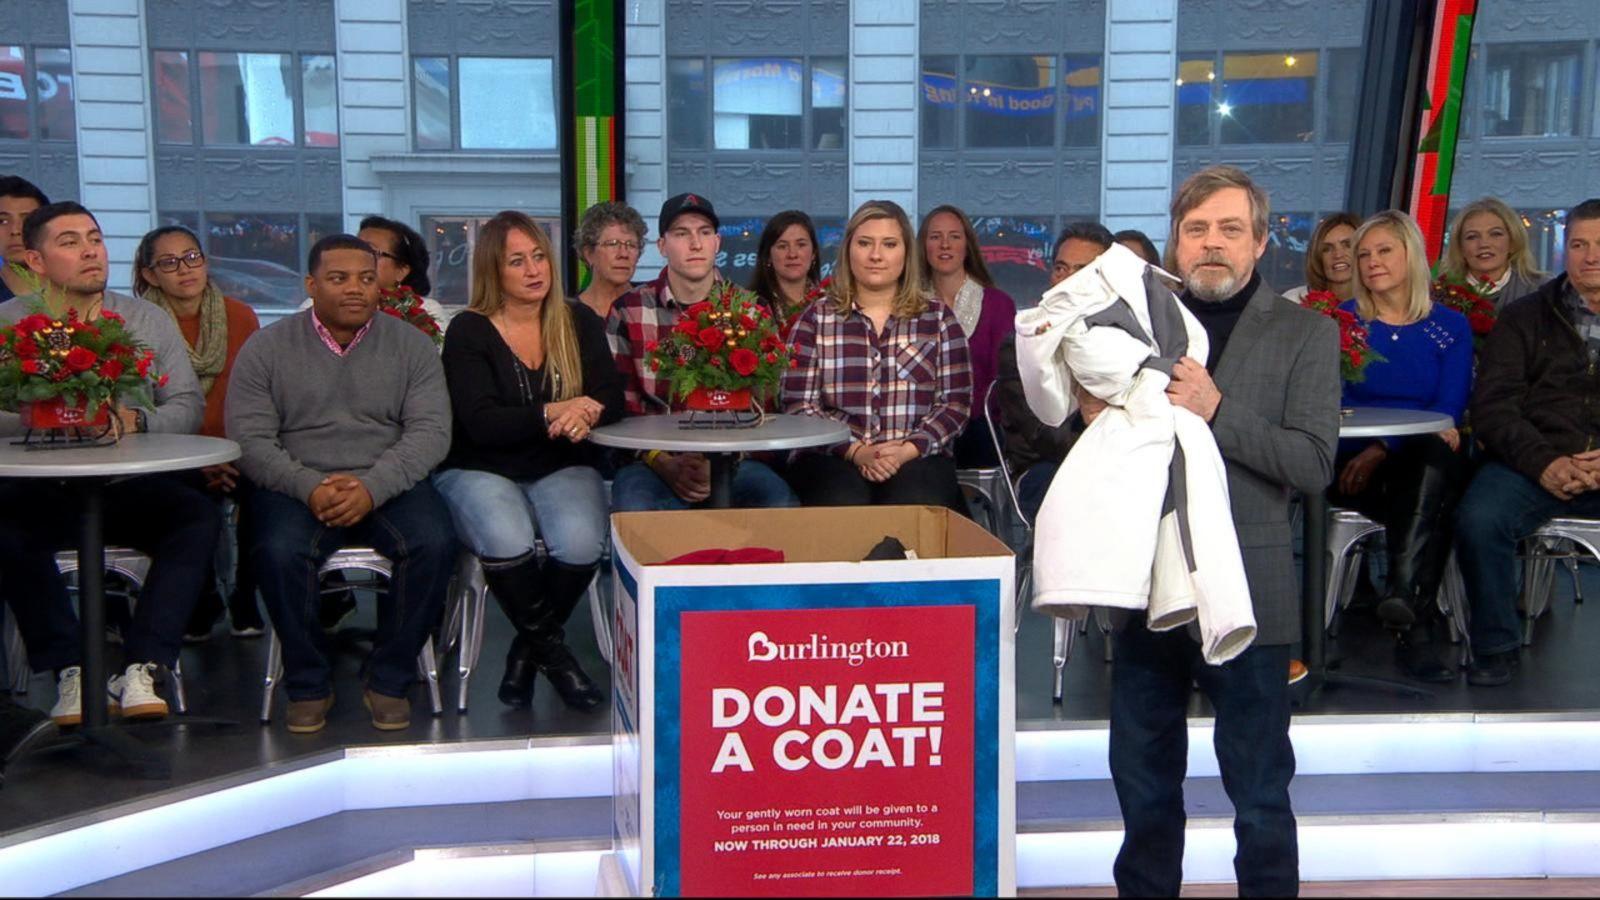 Mark Hamill donates a coat to the Burlington Coat Drive